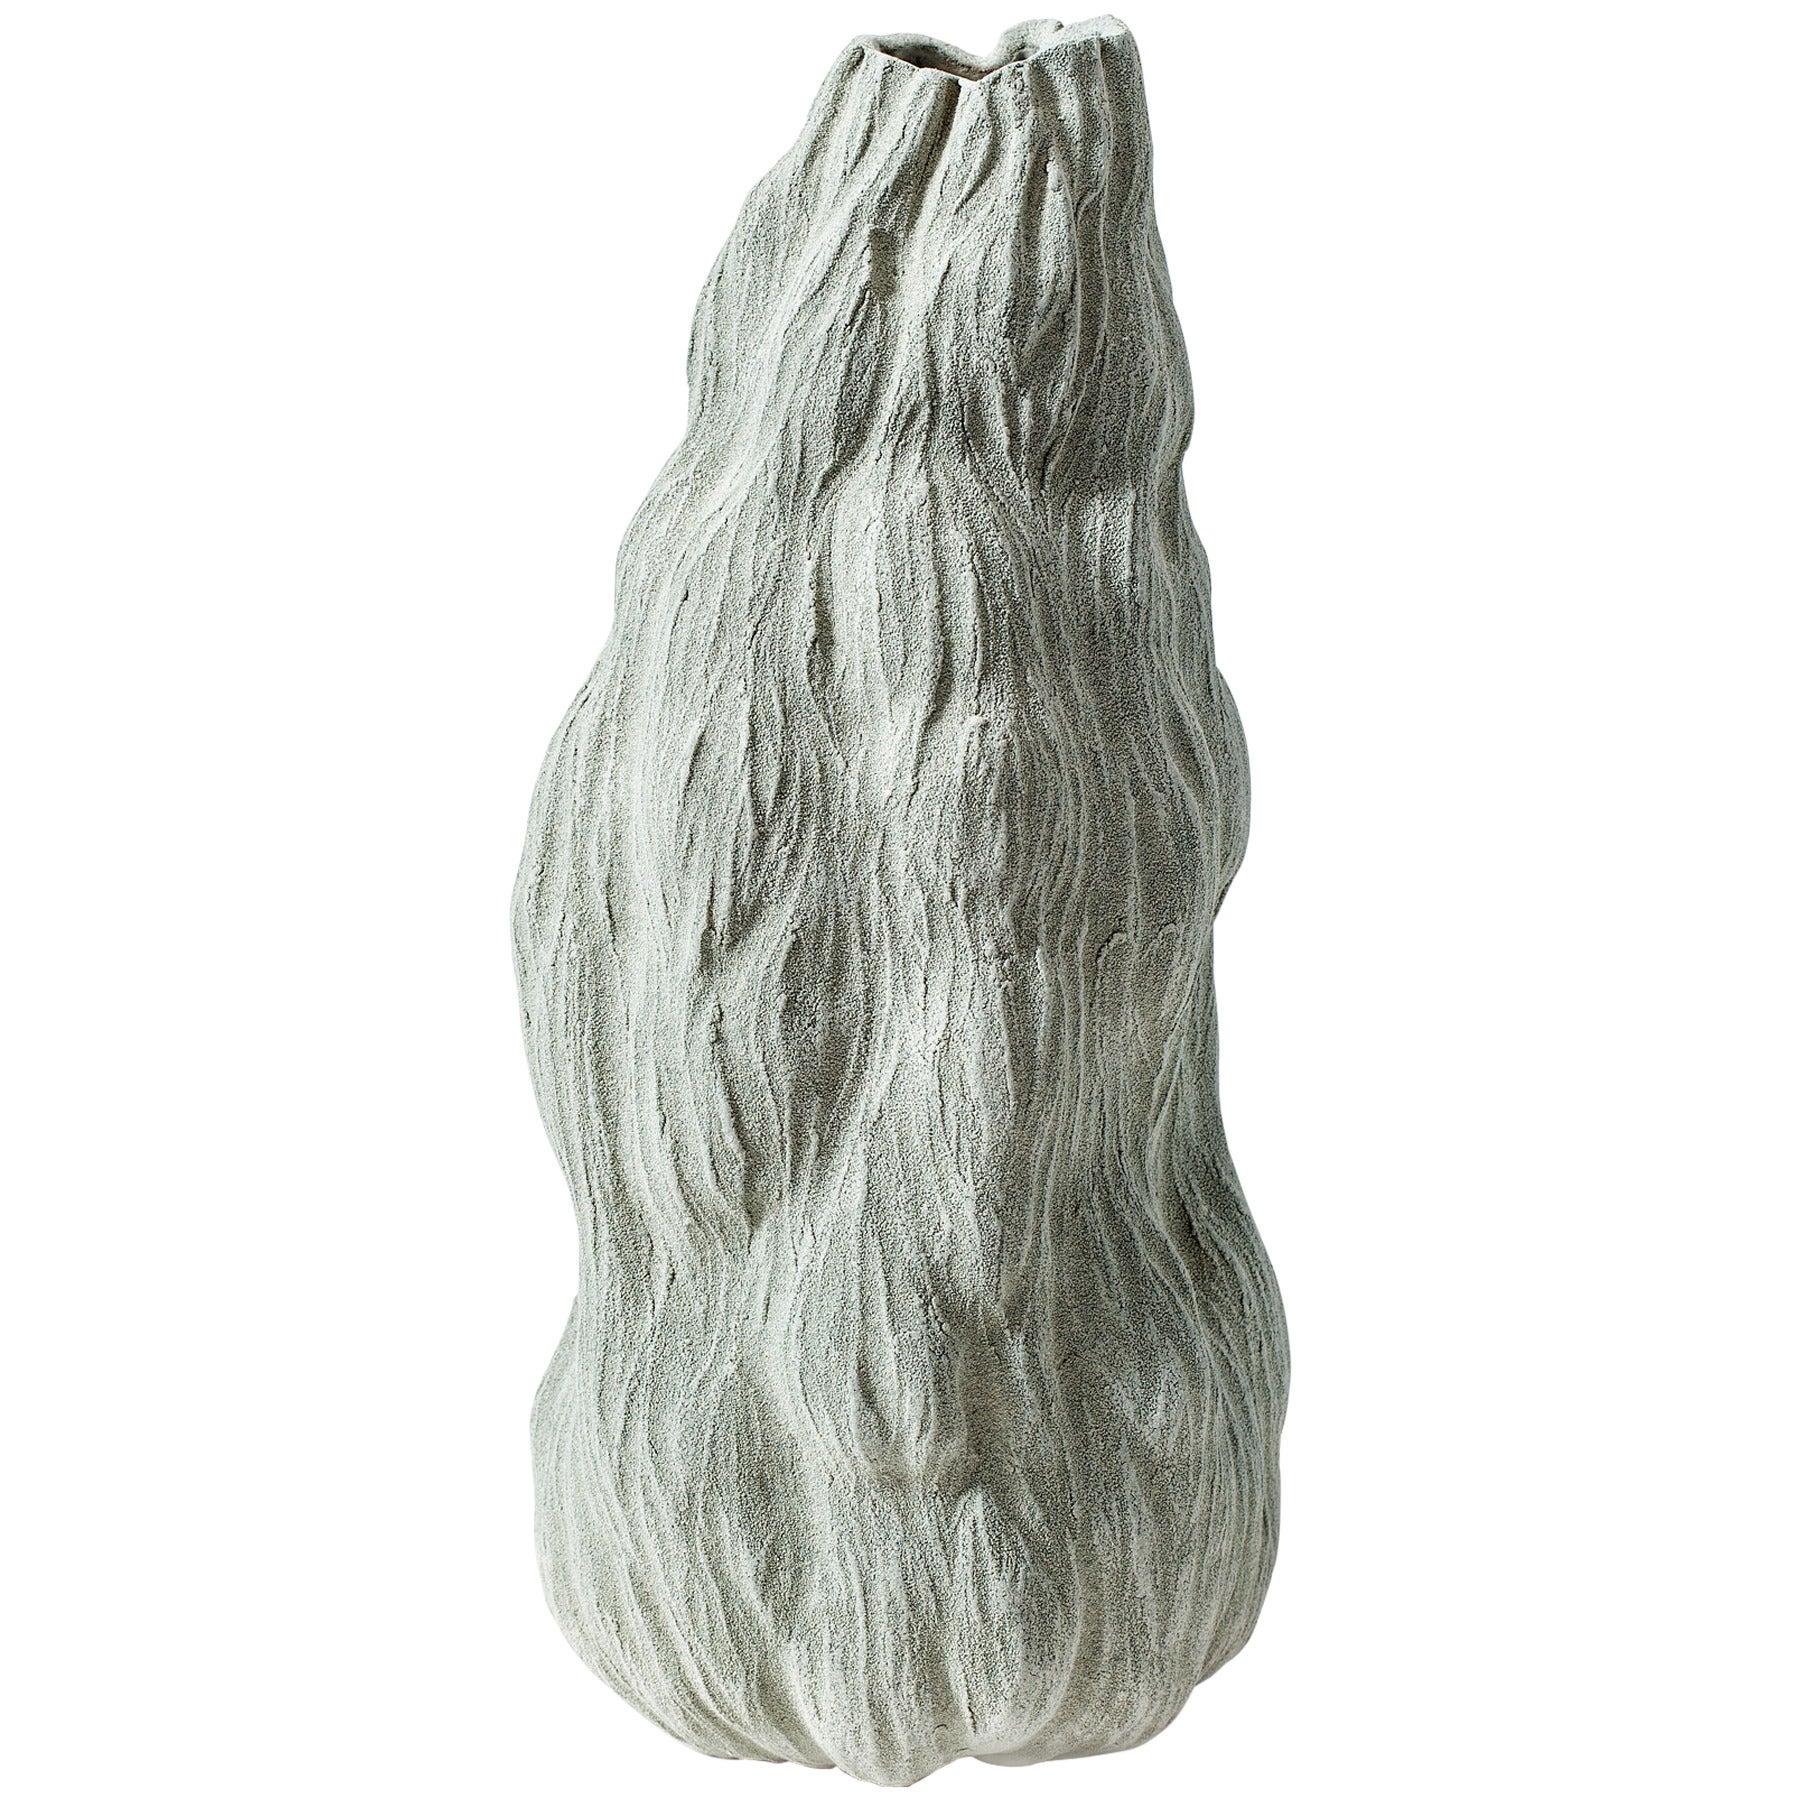 Green Organic Vase by Turi Heisselberg Pedersen